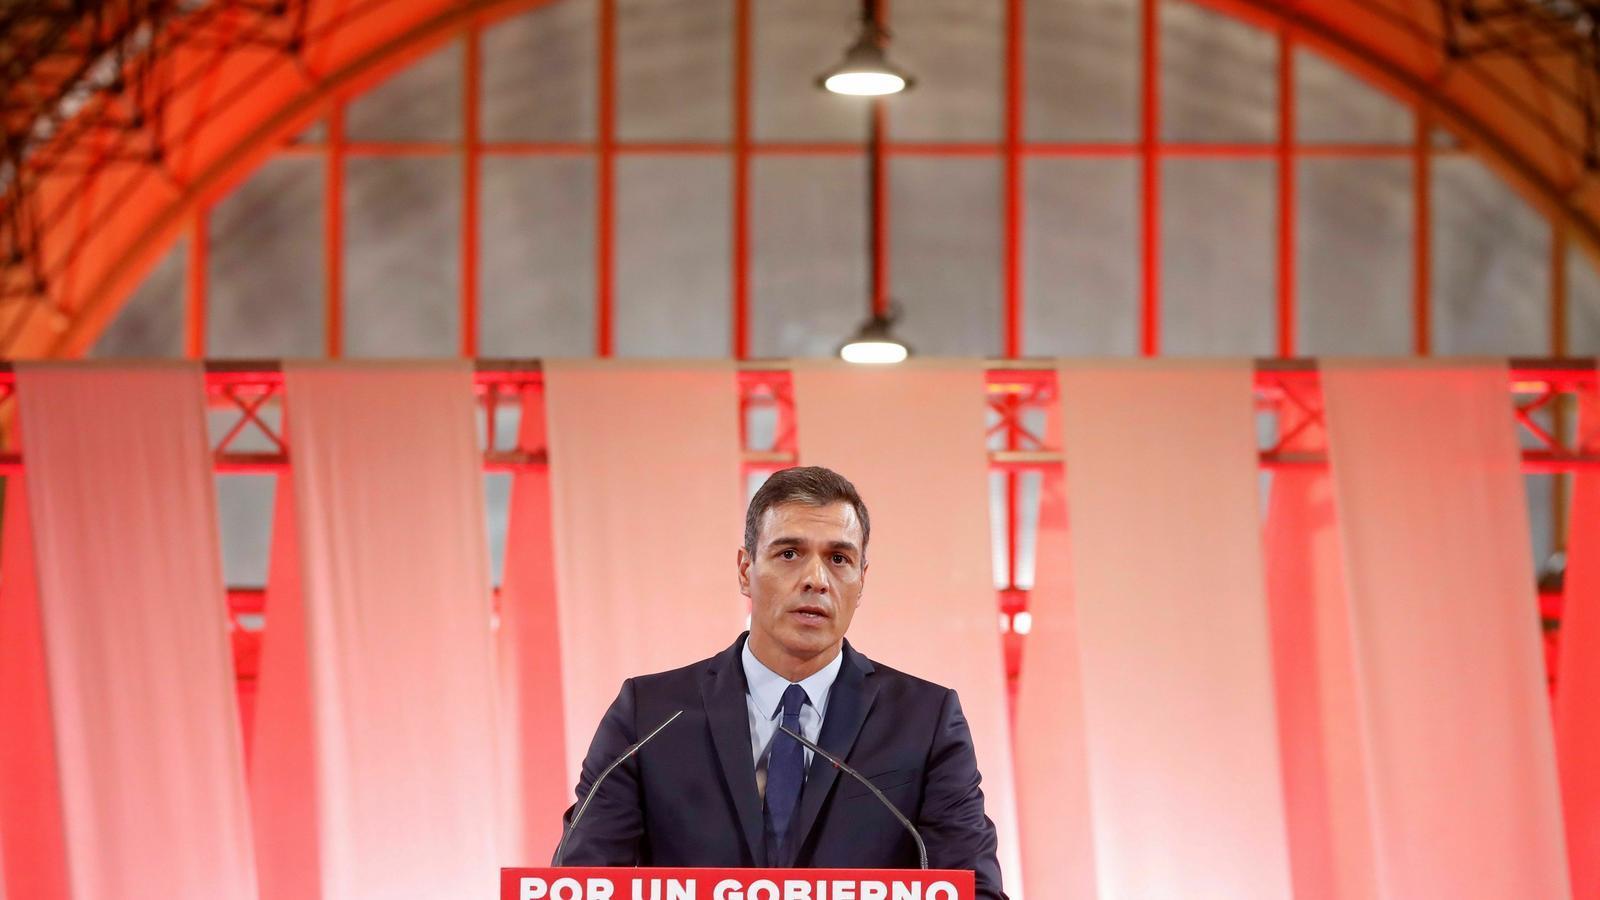 Sánchez torna a oferir alts càrrecs fora dels ministeris a Podem i tanca la porta al referèndum de Catalunya